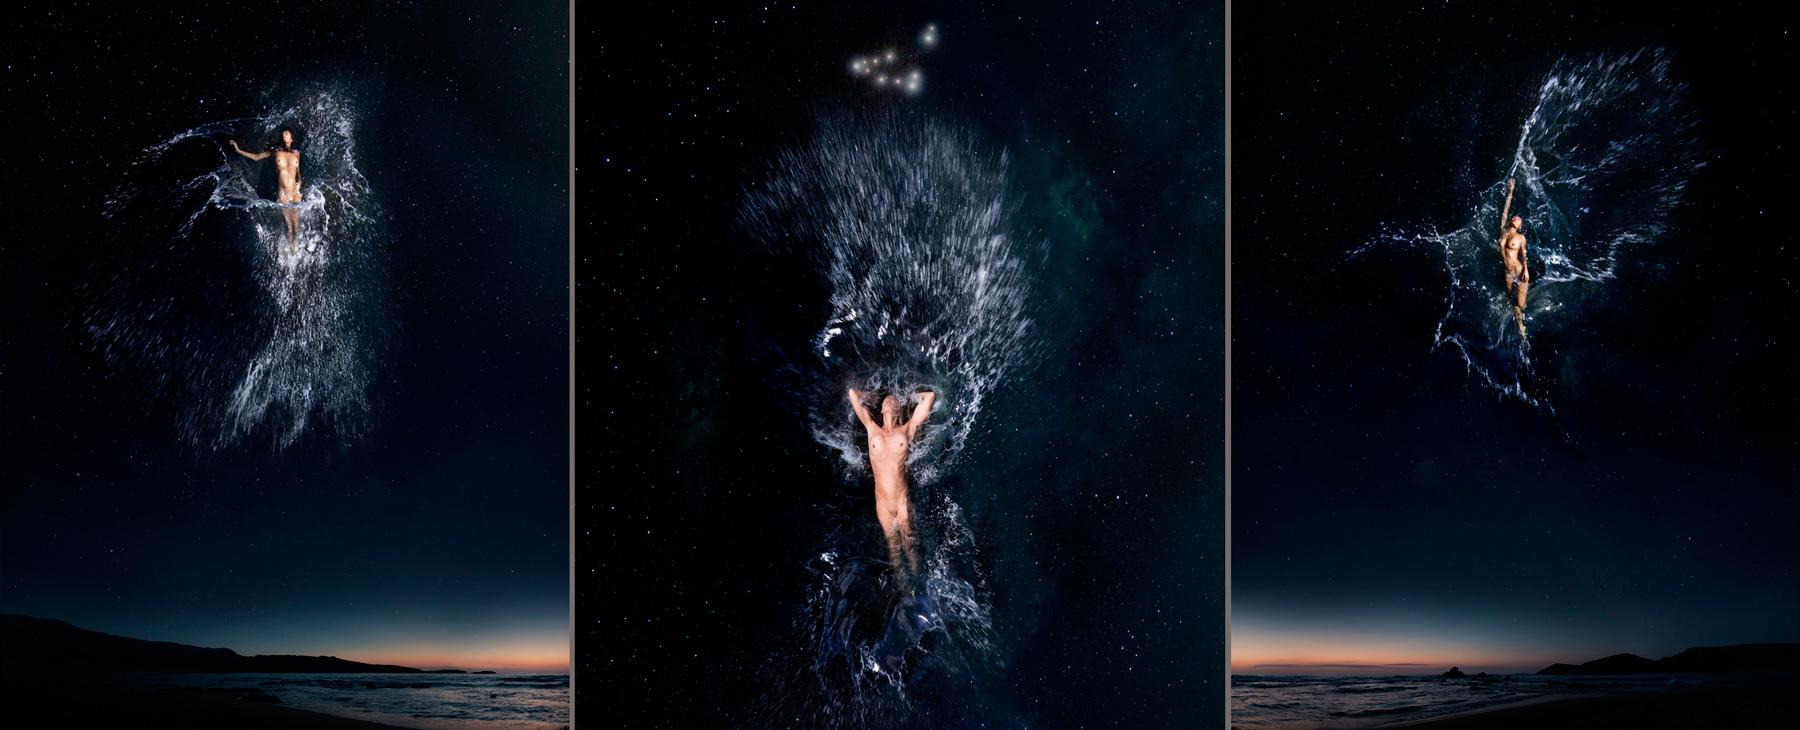 EUFONÍA de la Constelación de CAPRICORNIO. Fotografía digital nocturna y acuática. Configuración y retoque digitales